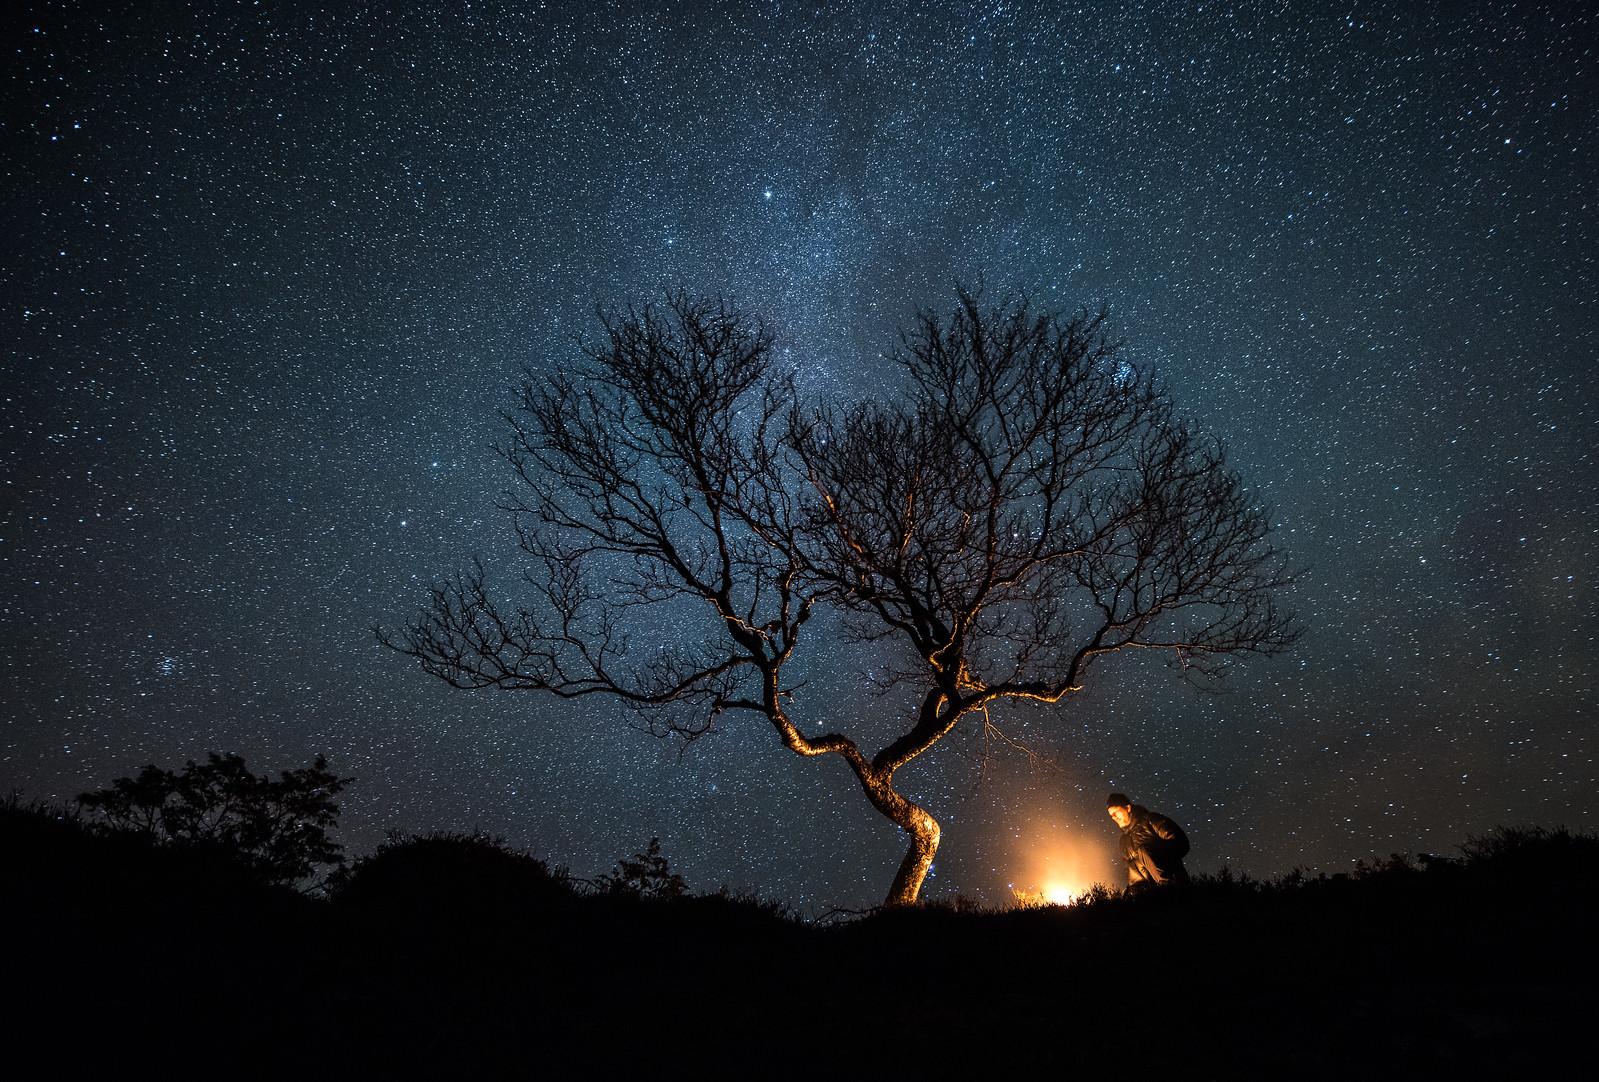 Person under tre med stjernehimmel.